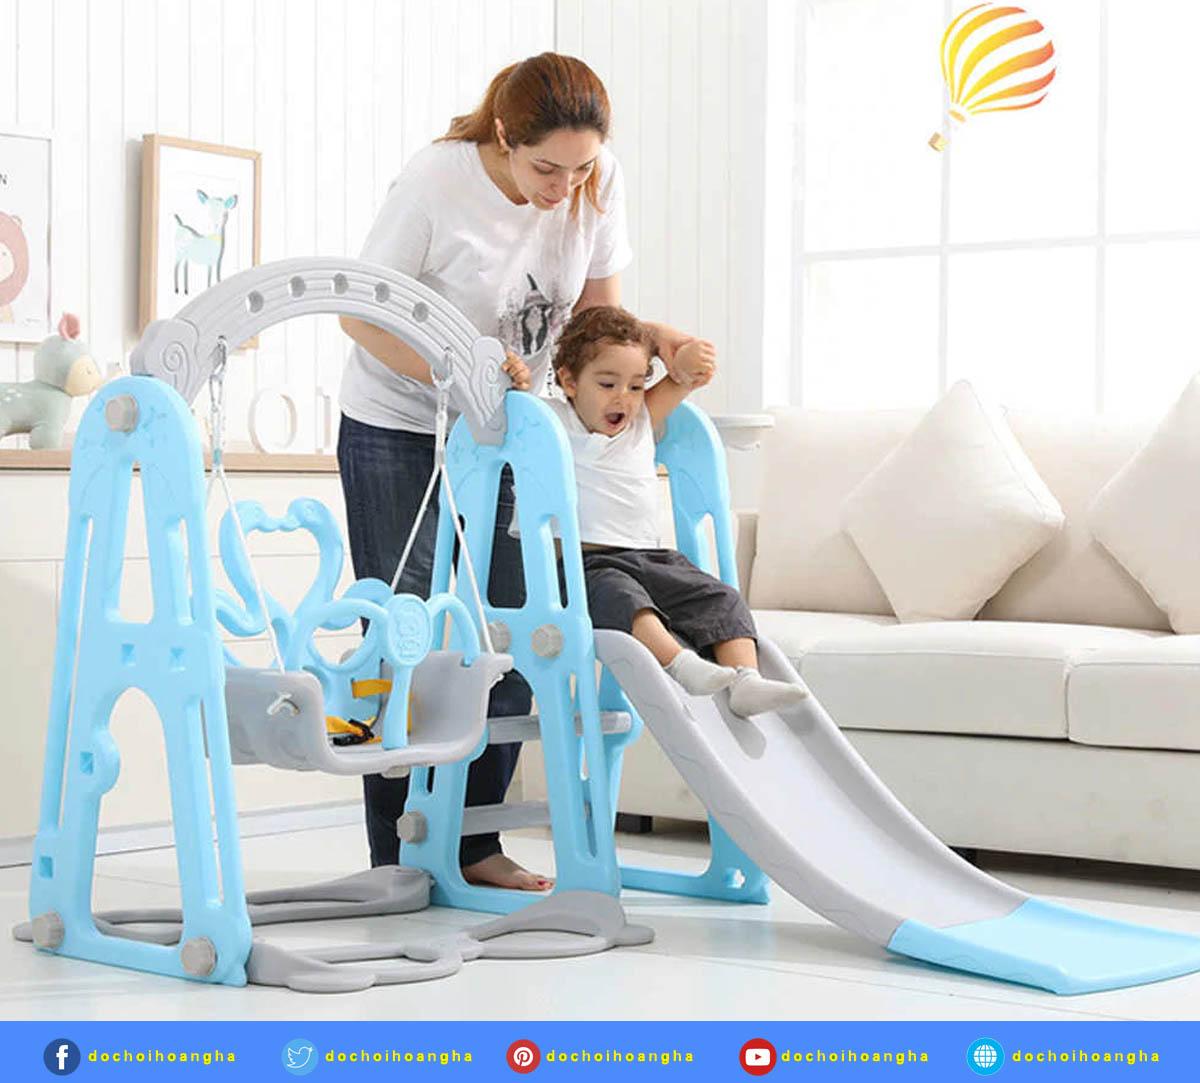 Lựa chọn mua cầu trượt cho bé được làm bằng những chất liệu an toàn